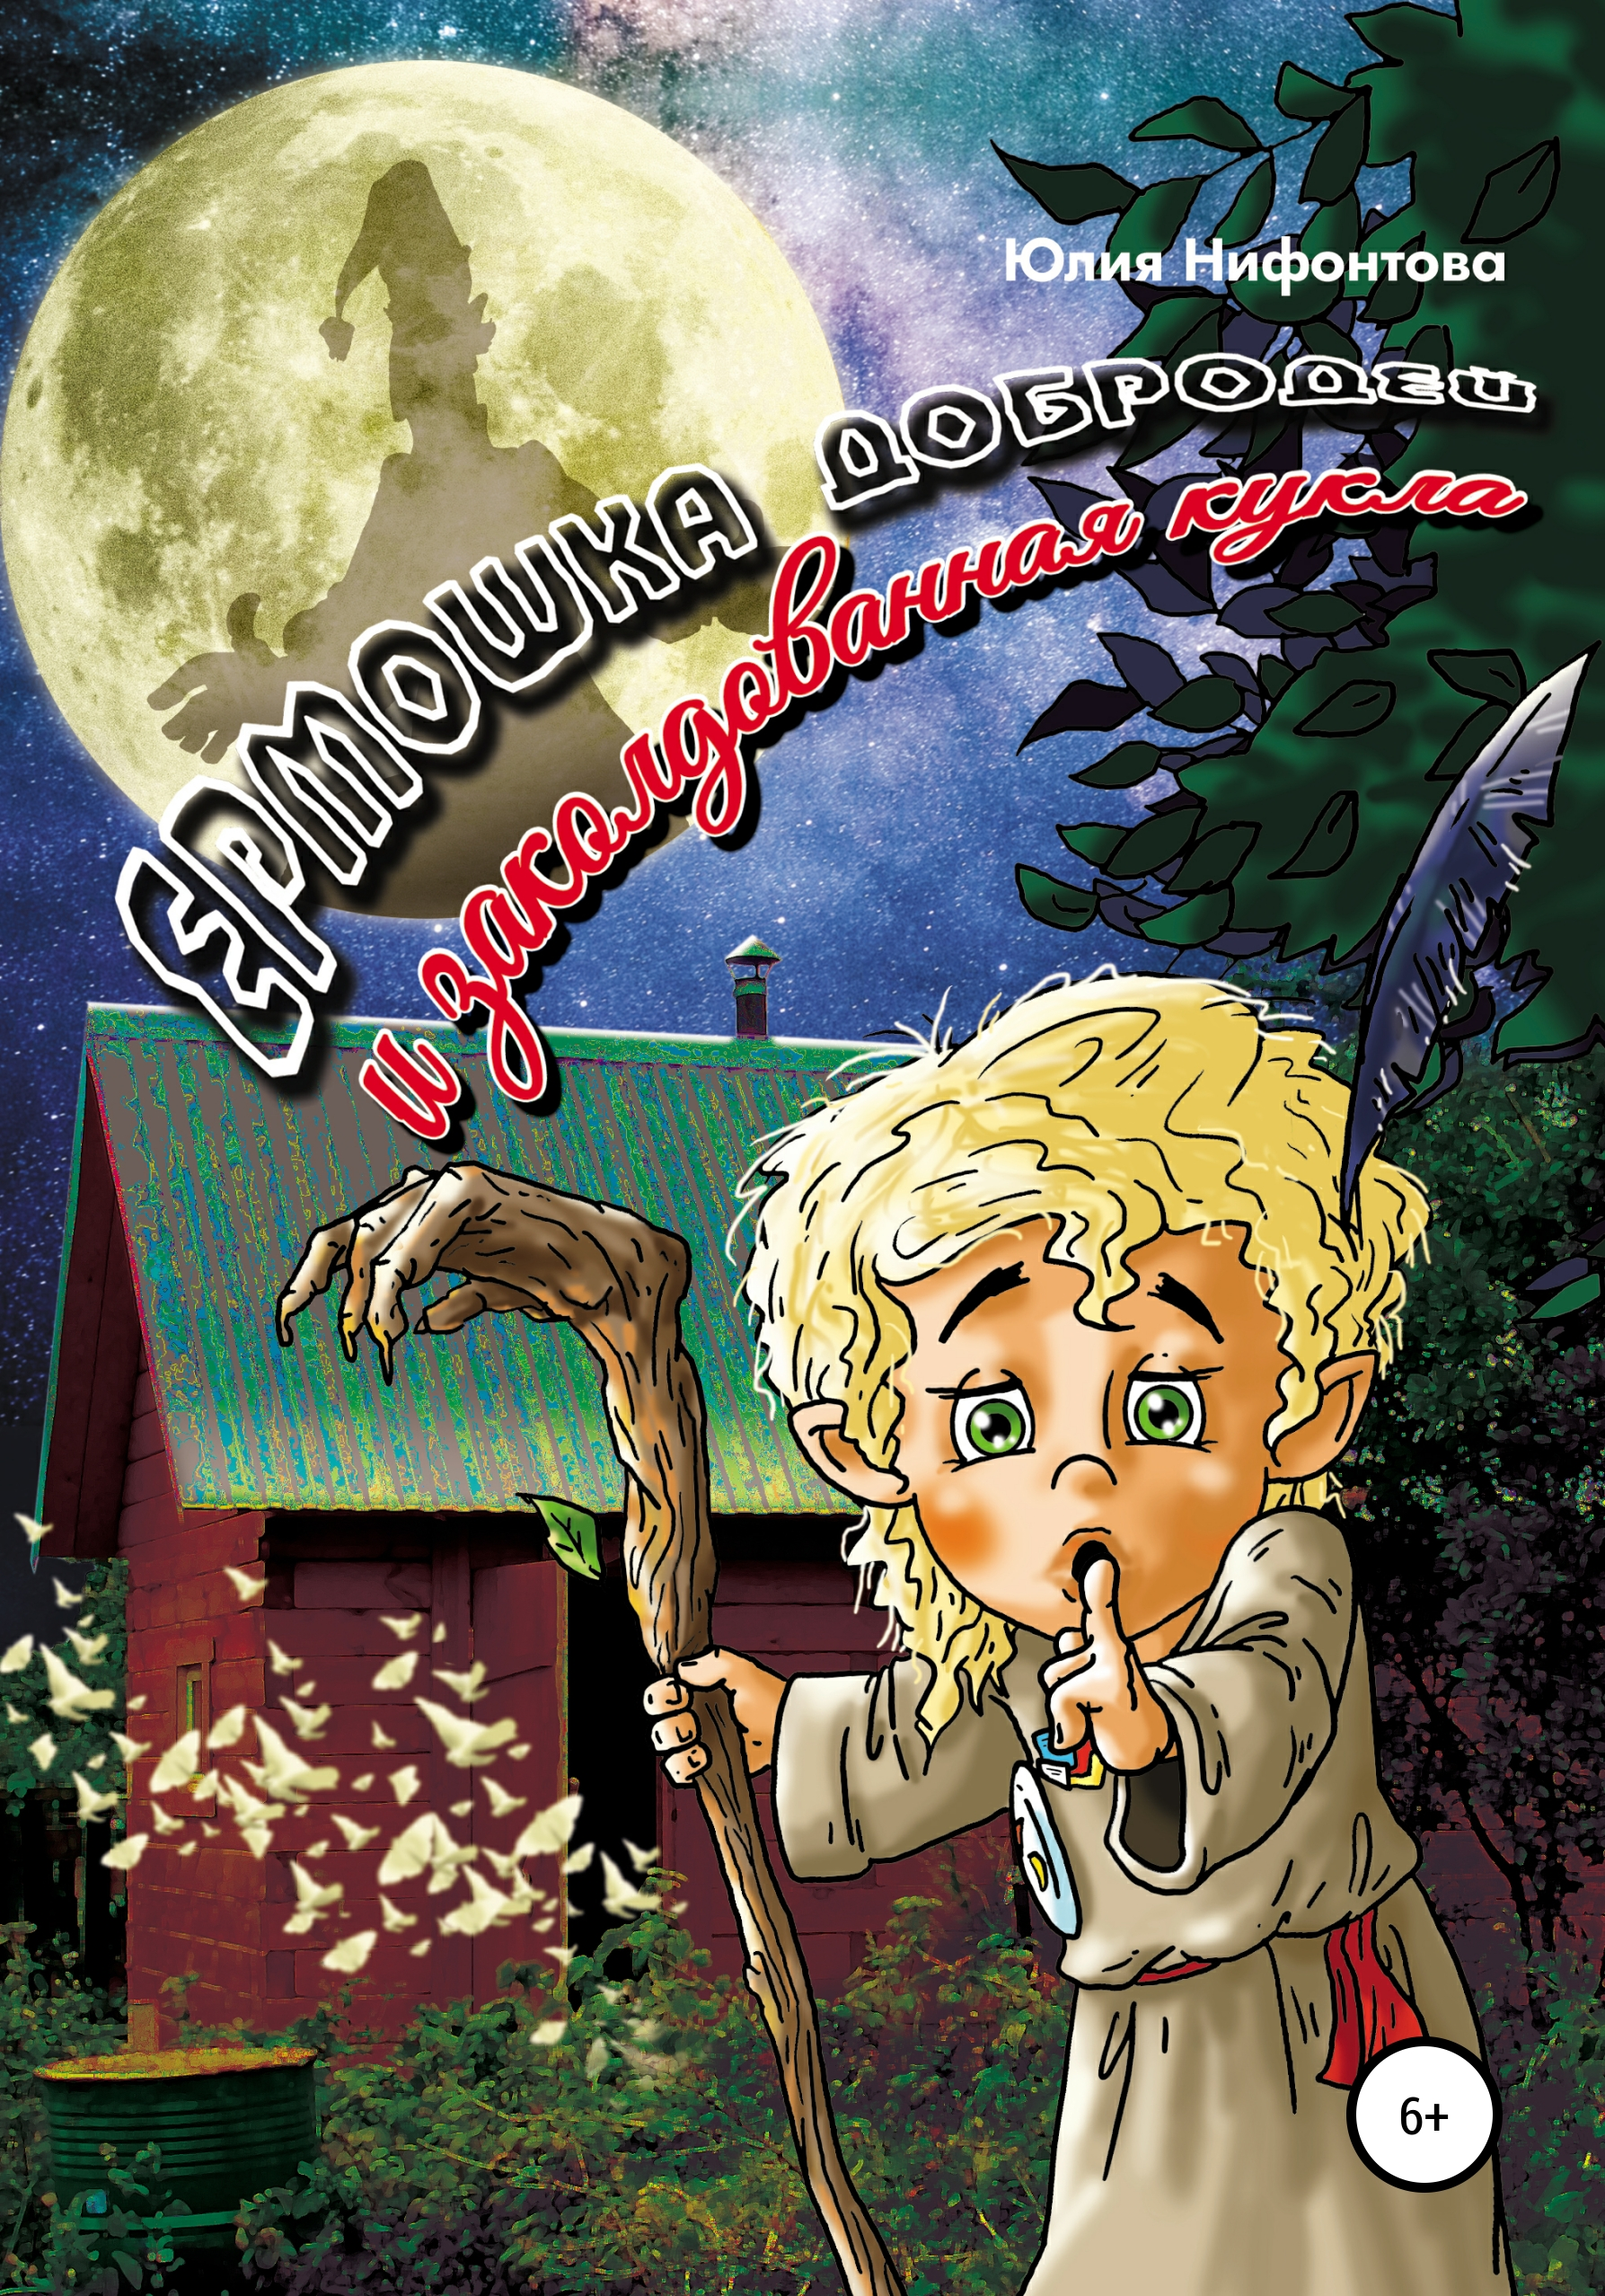 Купить книгу Ермошка Добродей и заколдованная кукла, автора Юлии Анатольевны Нифонтовой